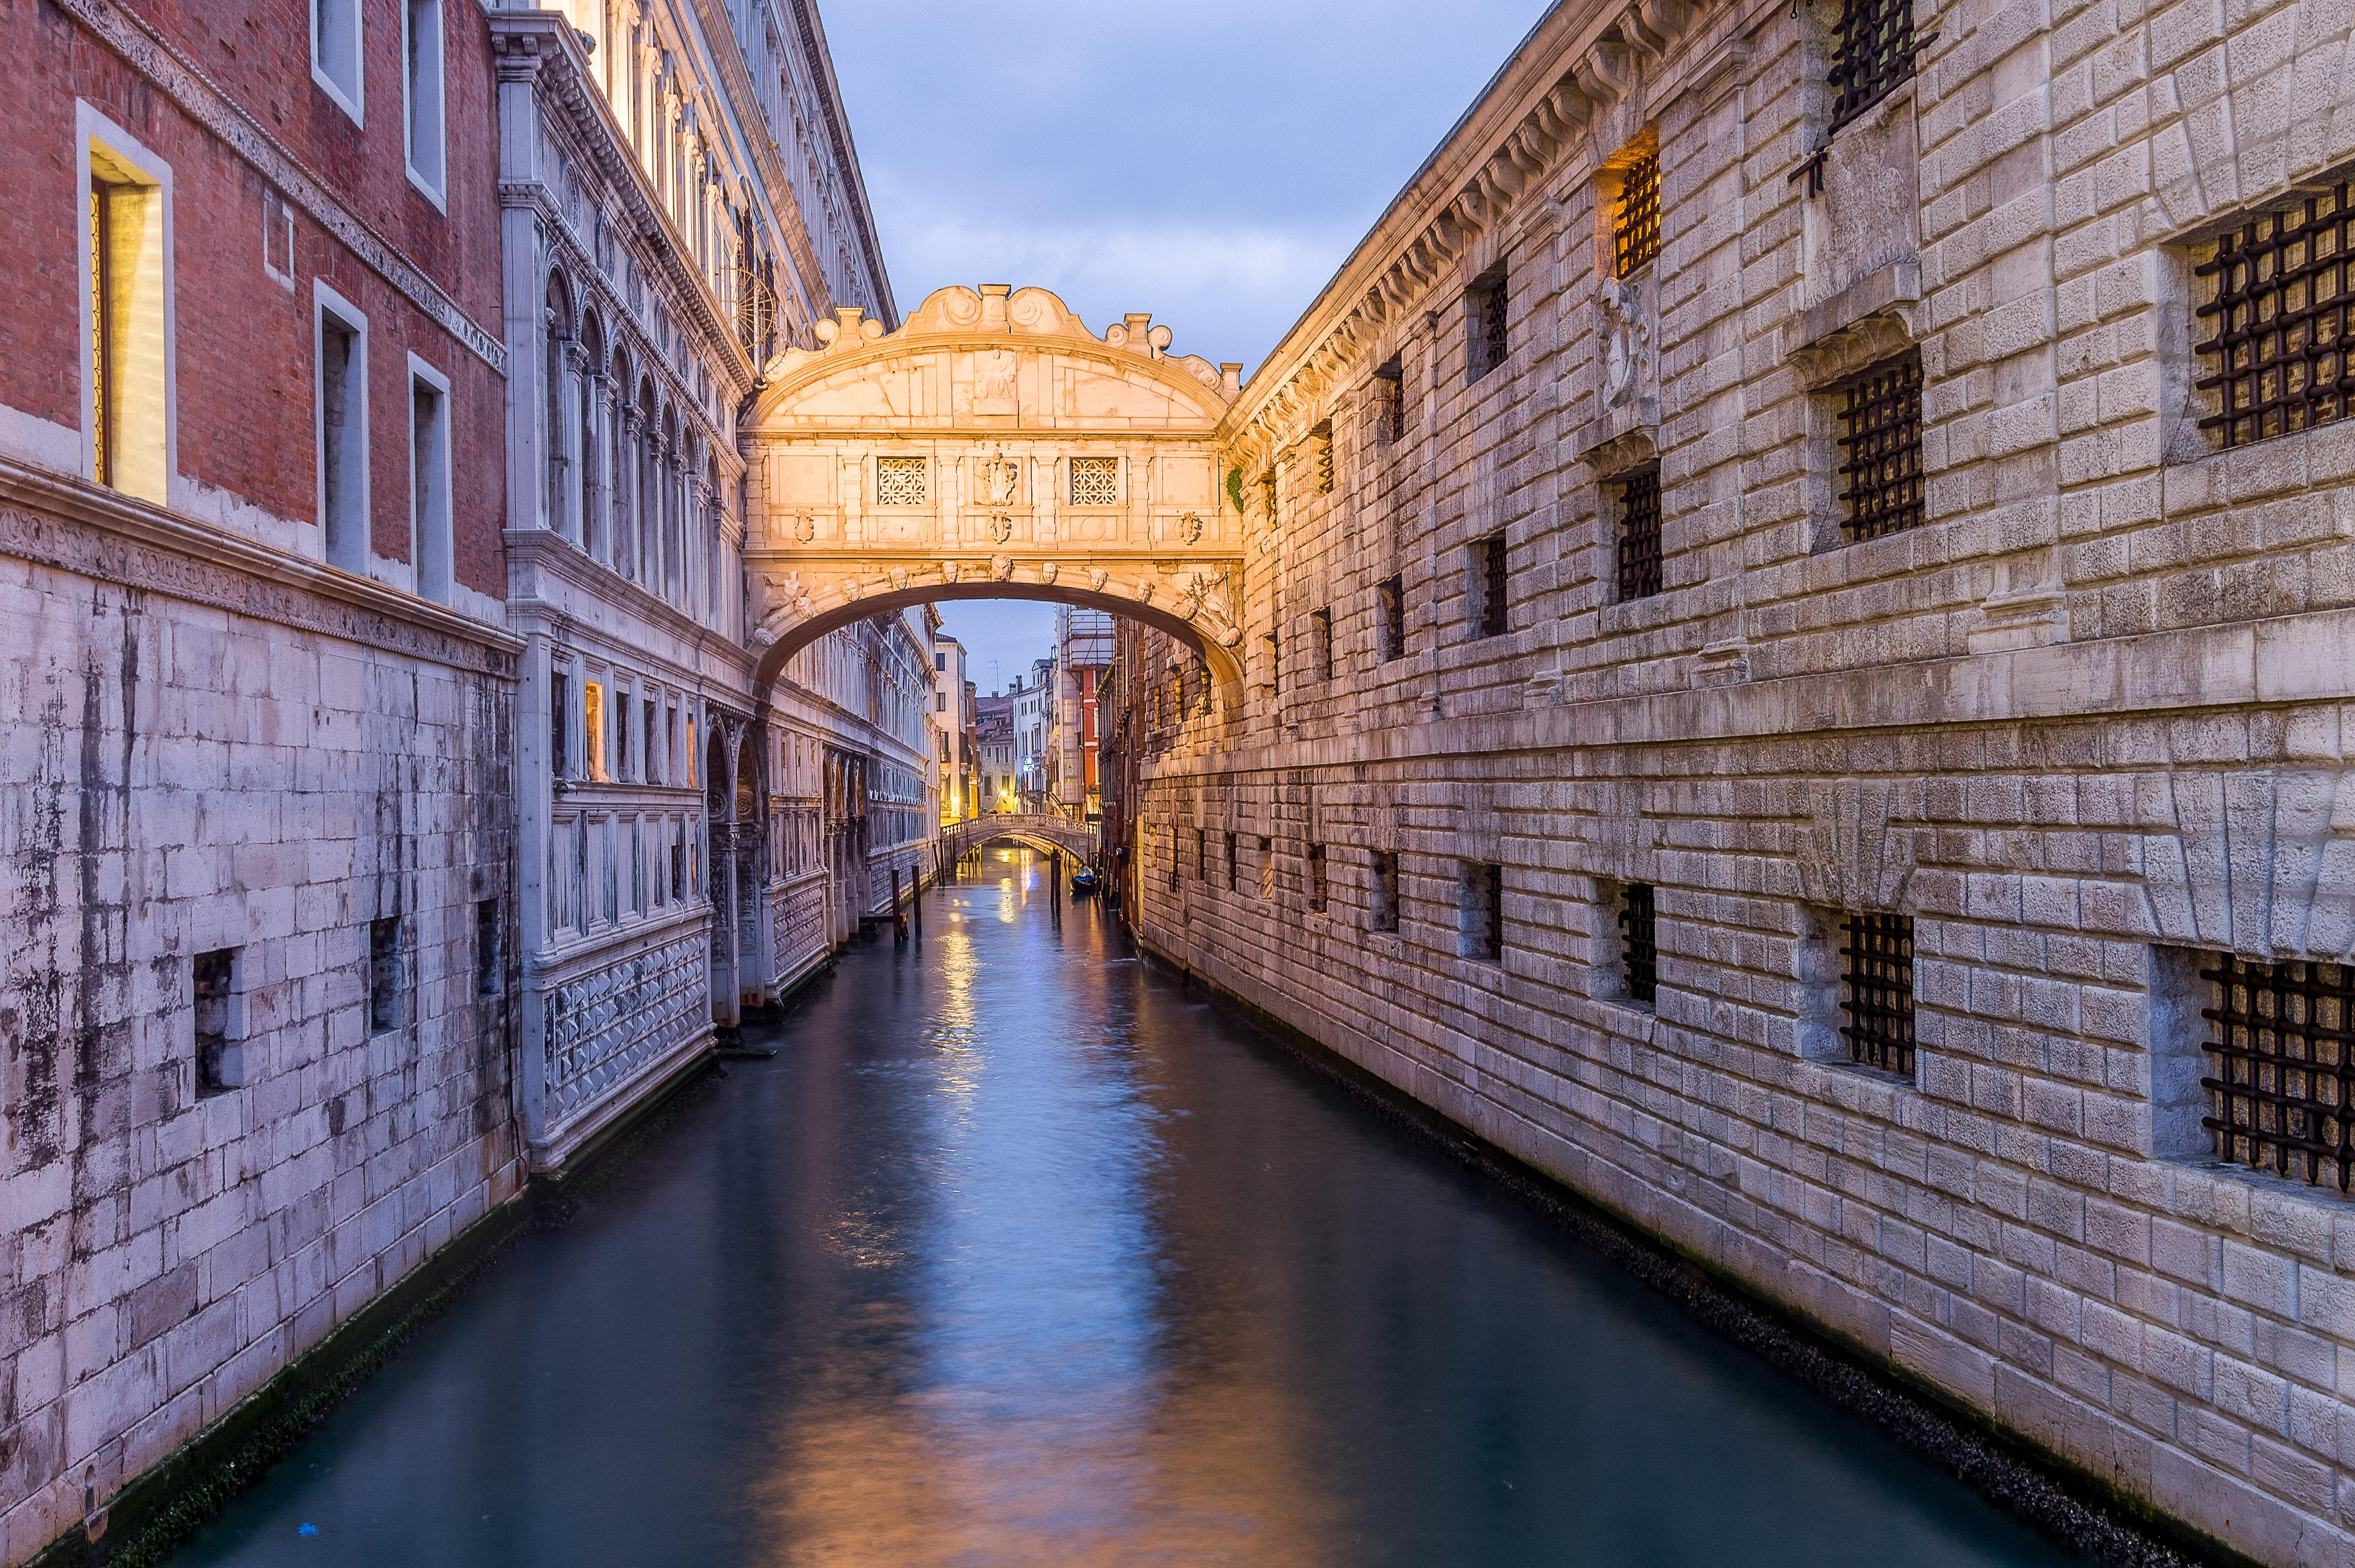 Arhitektura koja spaja ljude - Mostovi 8374434258_dd10e1c1bd_o